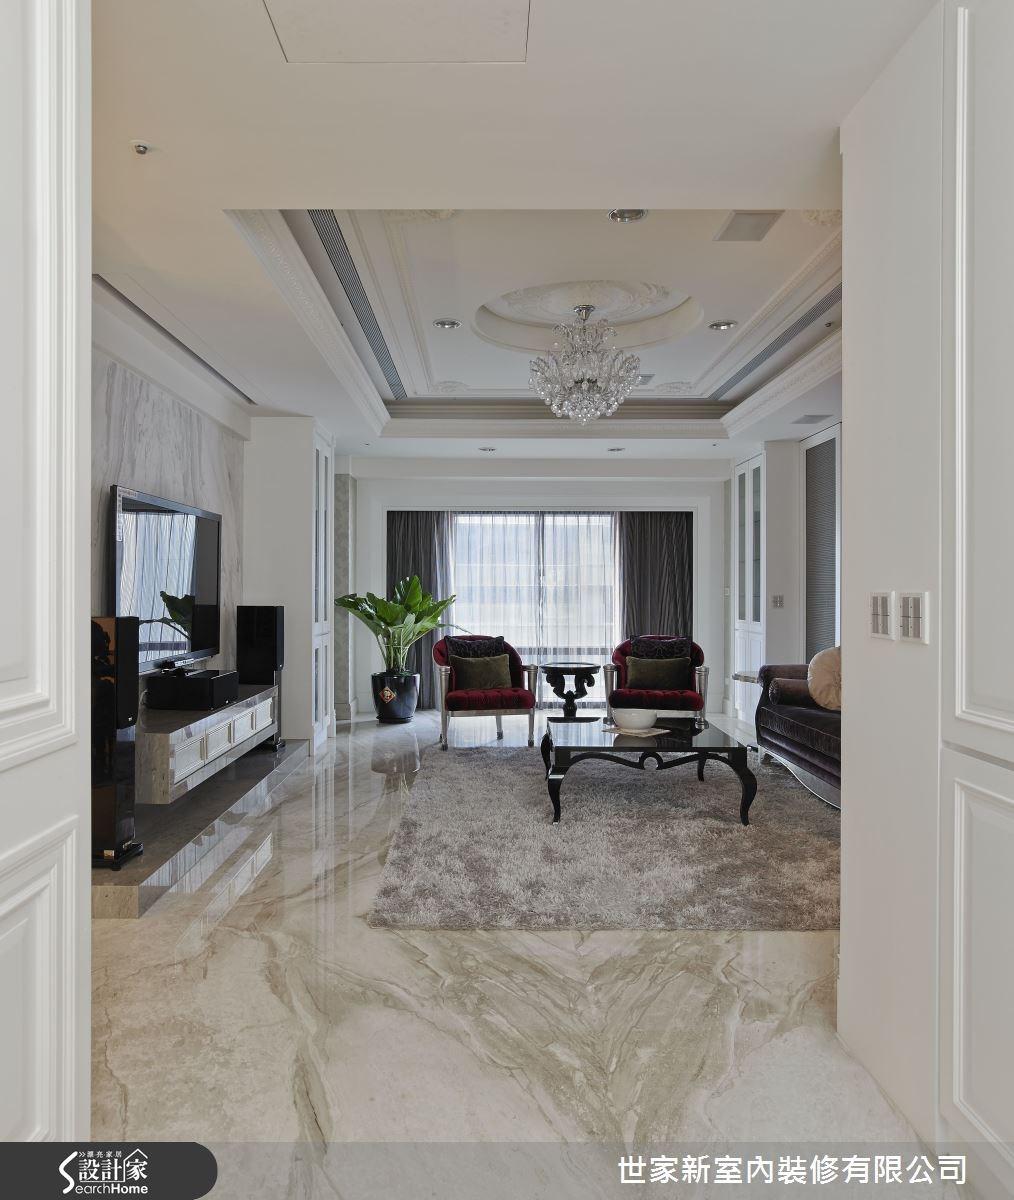 70坪新成屋(5年以下)_新古典客廳案例圖片_世家新室內裝修有限公司_世家新_02之3